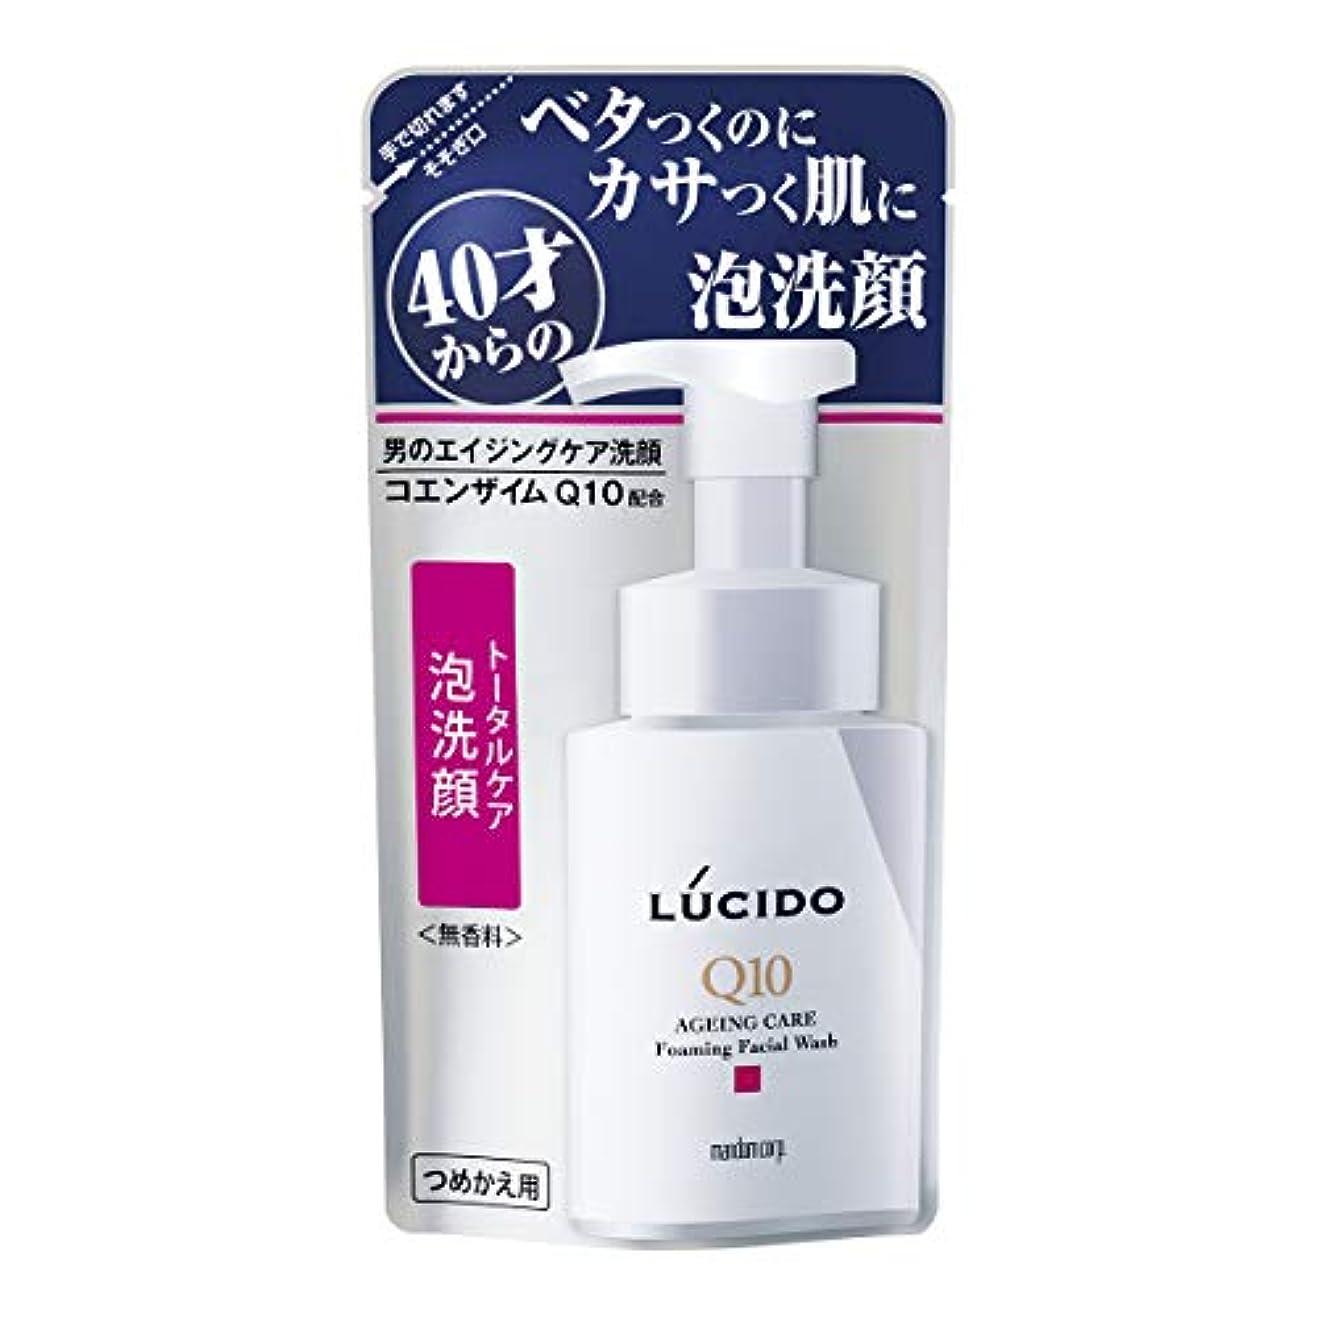 二十用語集姓LUCIDO(ルシード) トータルケア泡洗顔 つめかえ用 Q10 130mL